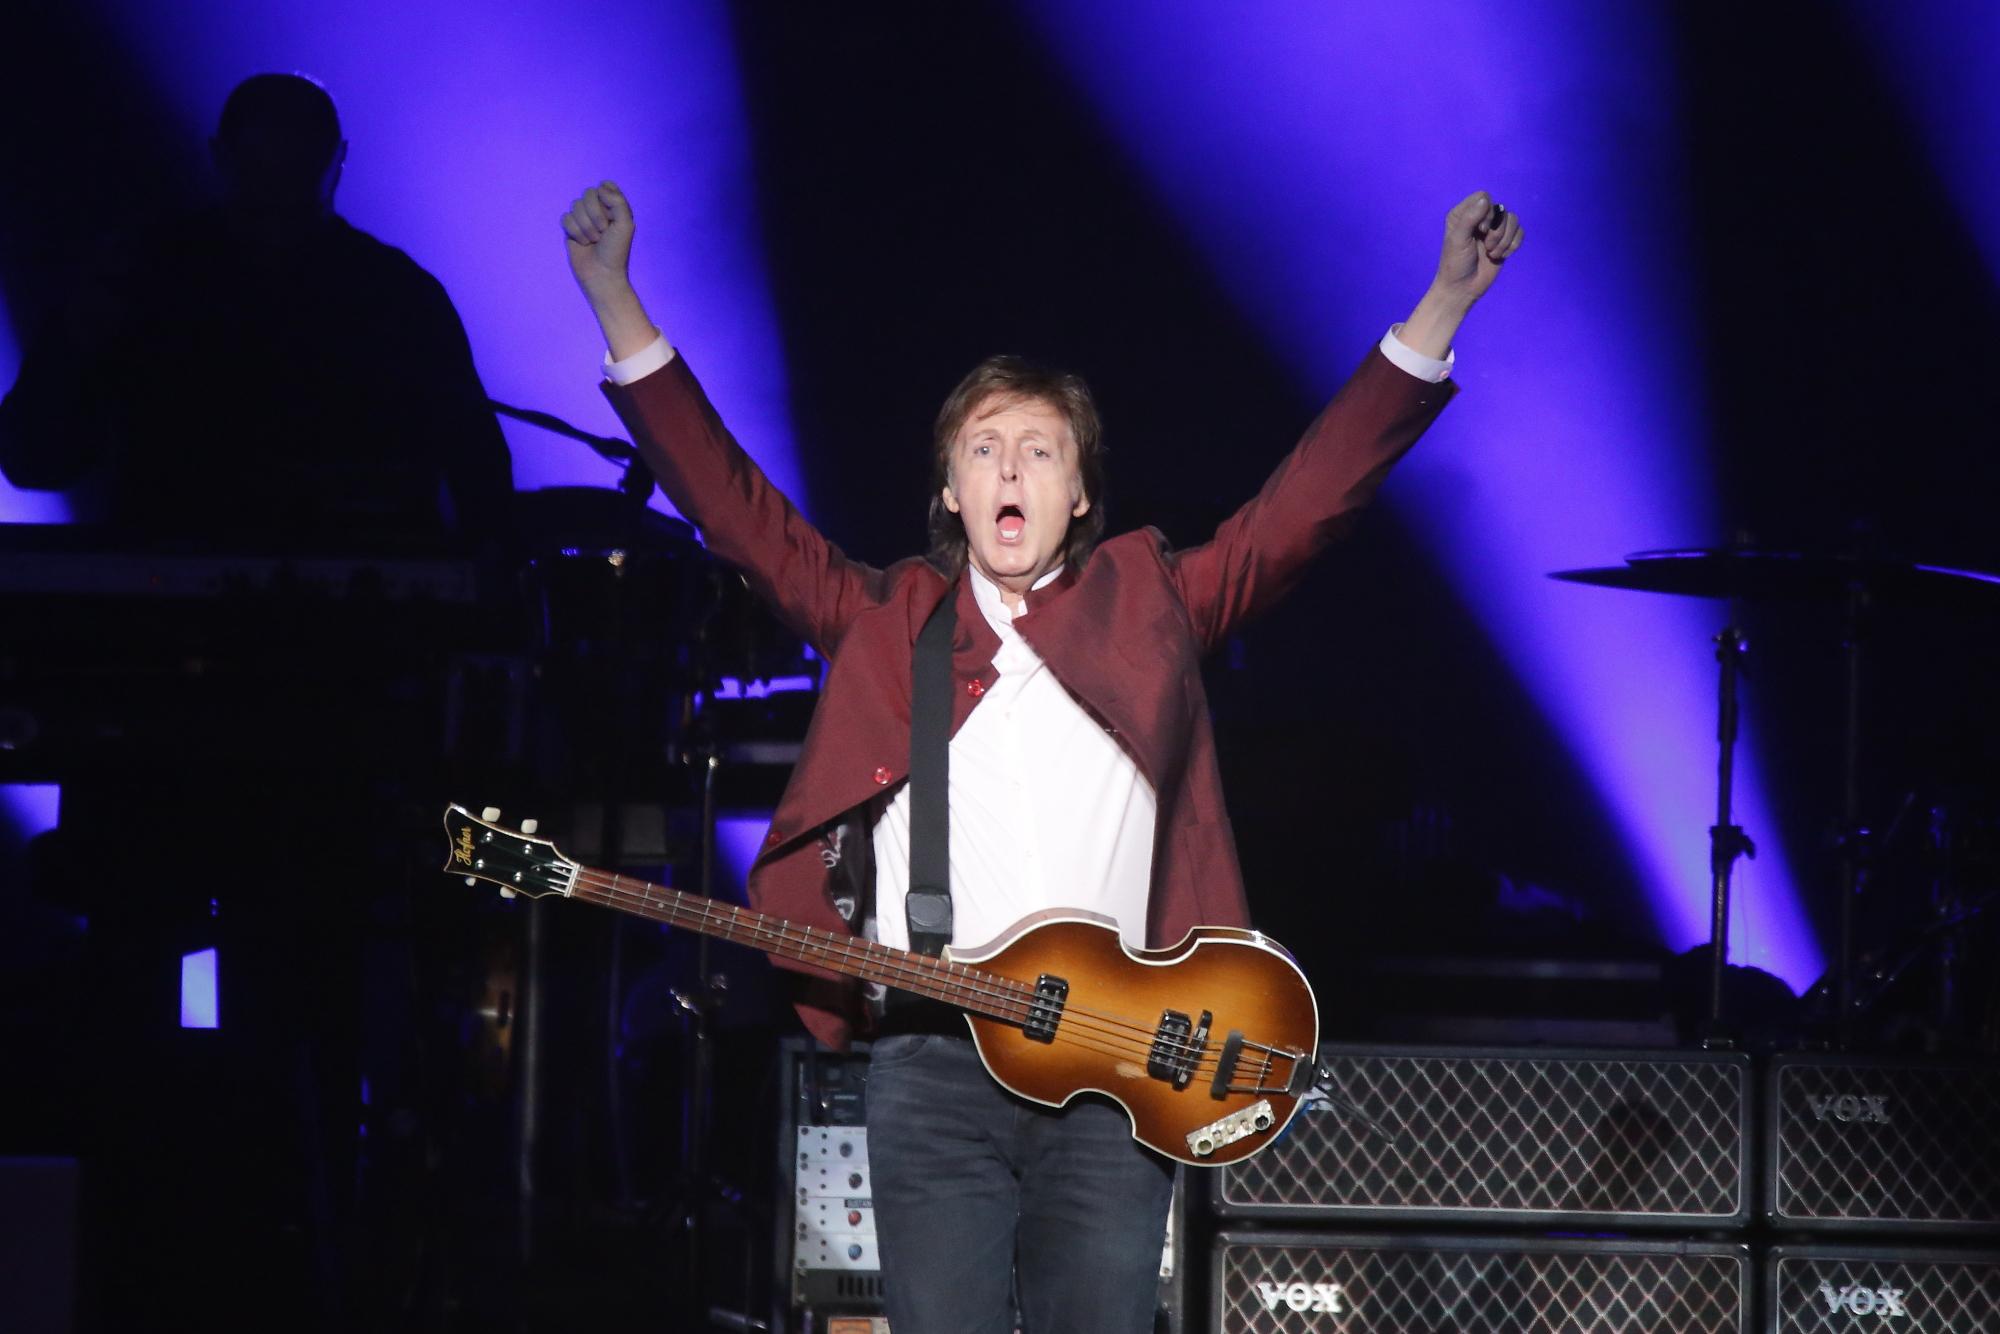 Paul McCartney poursuit Sony pour récupérer les droits des chansons des Beatles